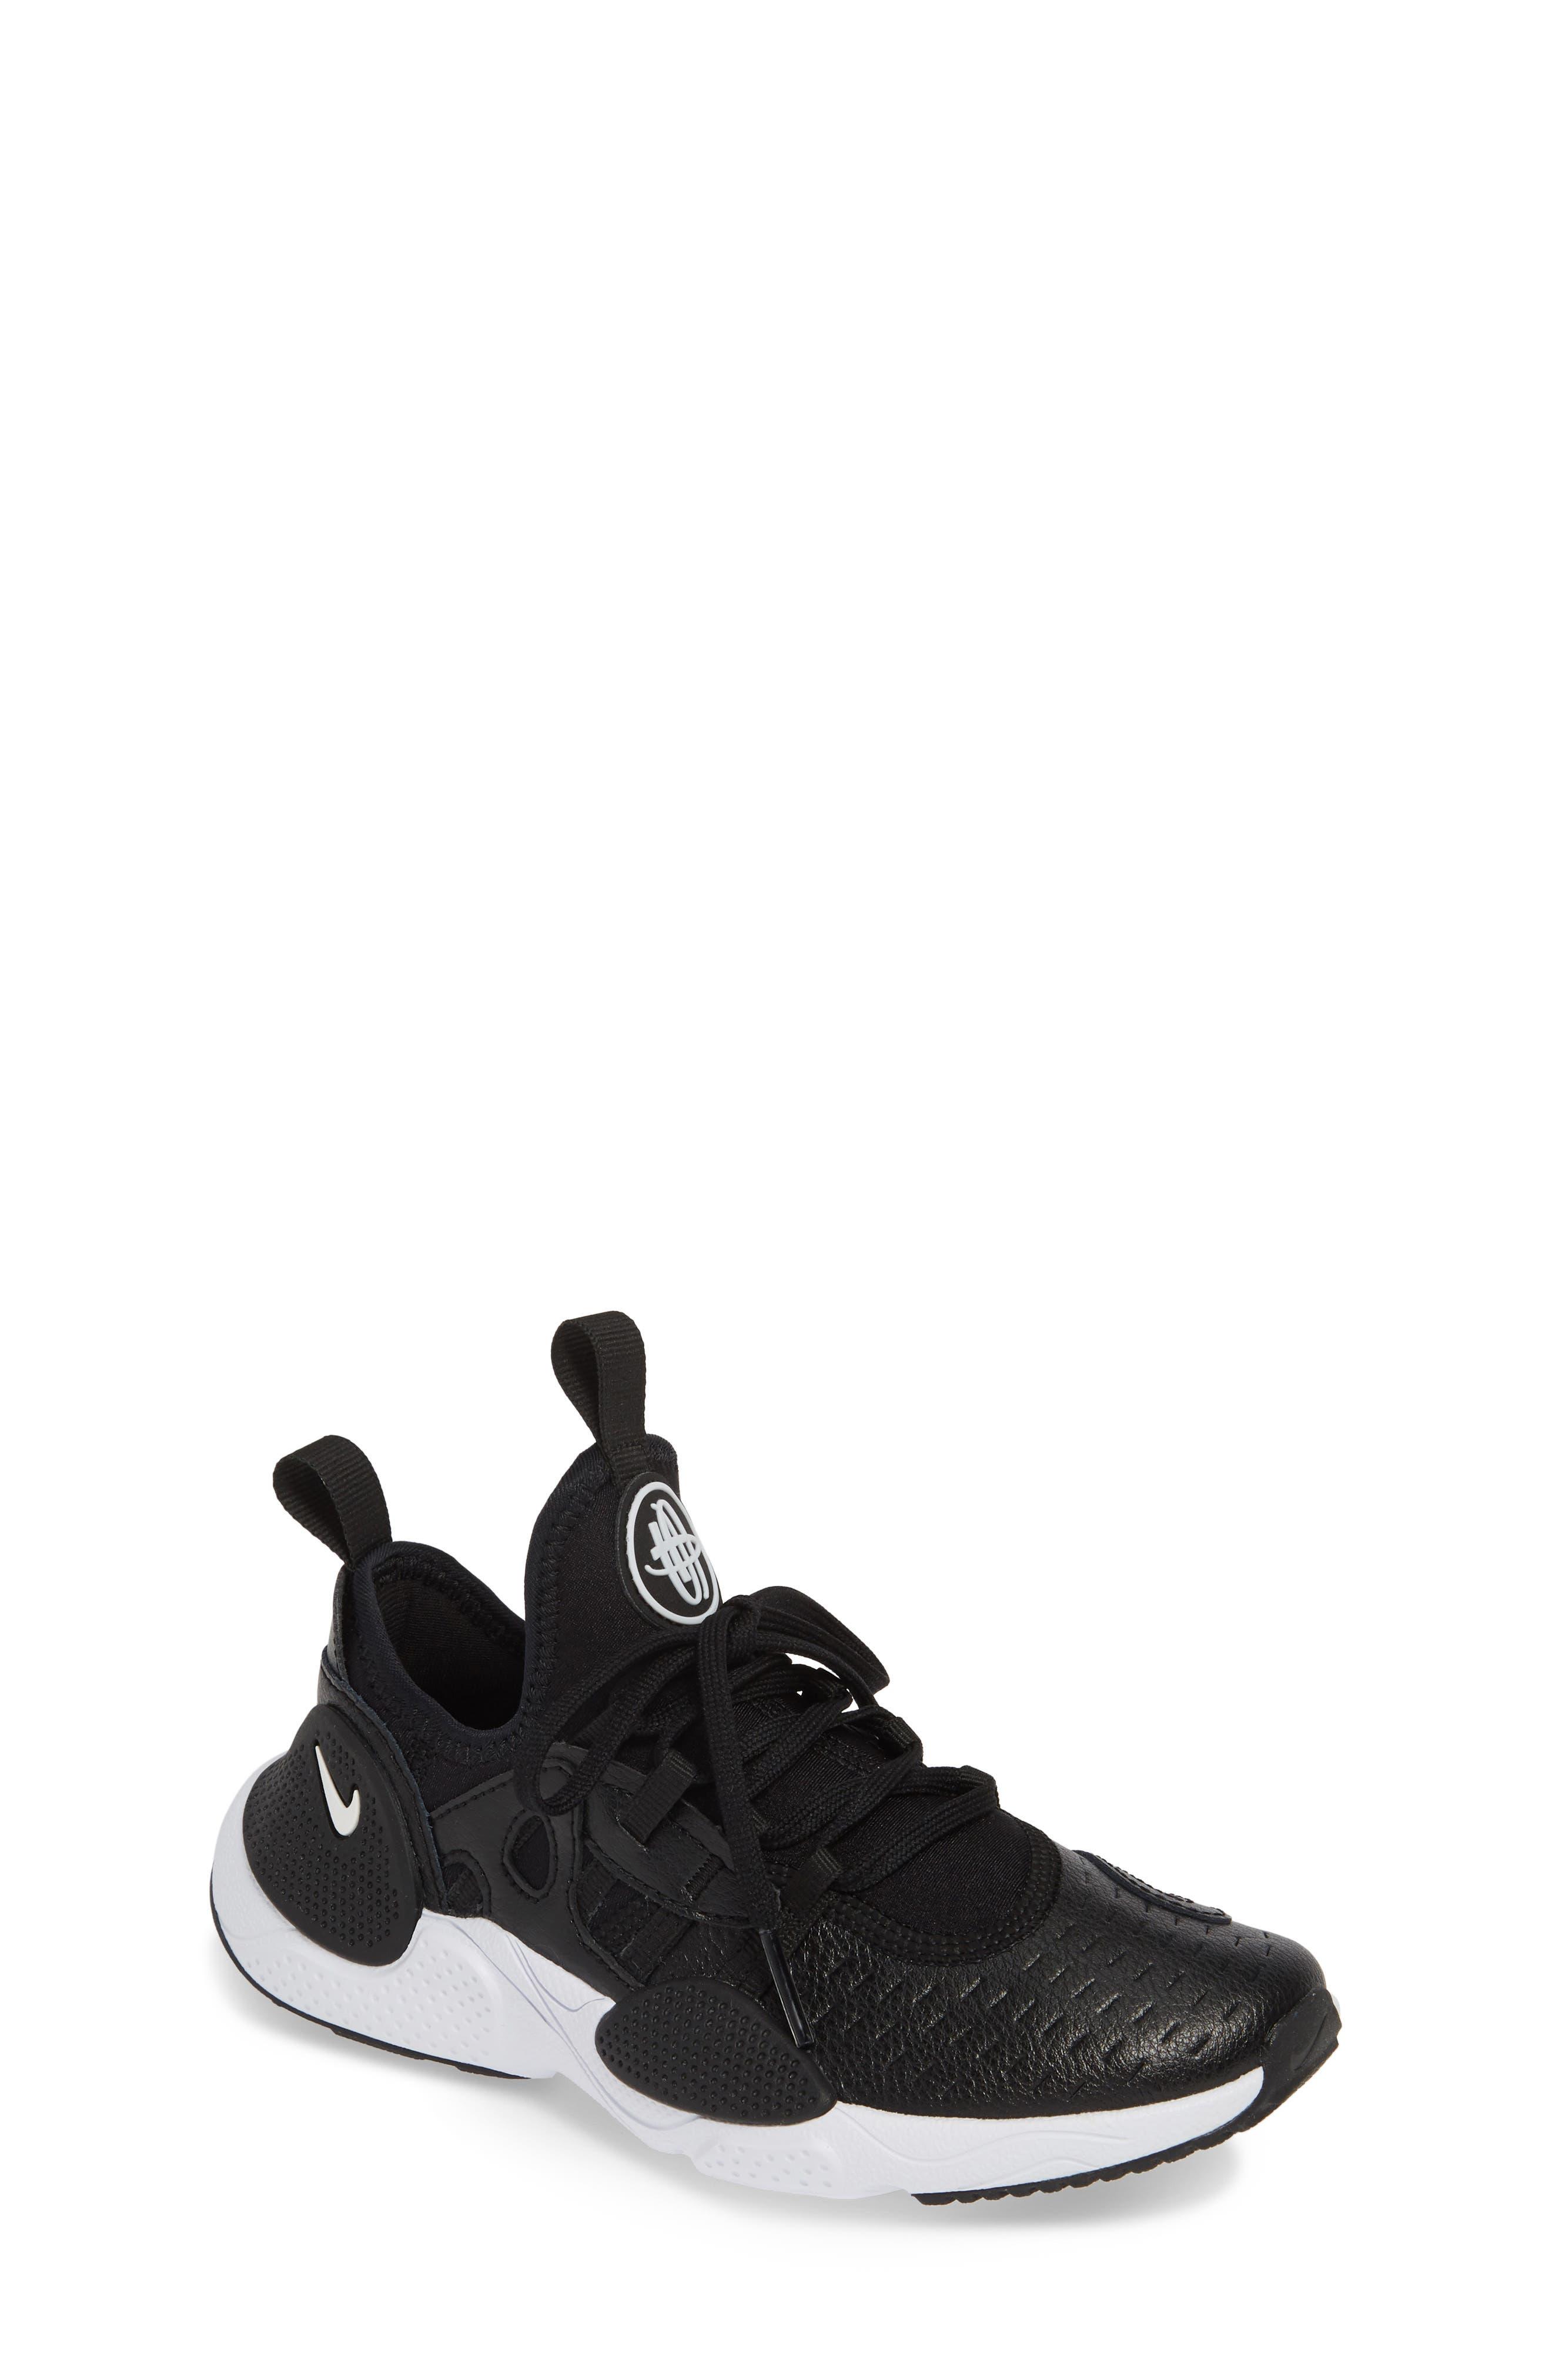 Huarache E.D.G.E. Sneaker,                             Main thumbnail 1, color,                             BLACK/ WHITE